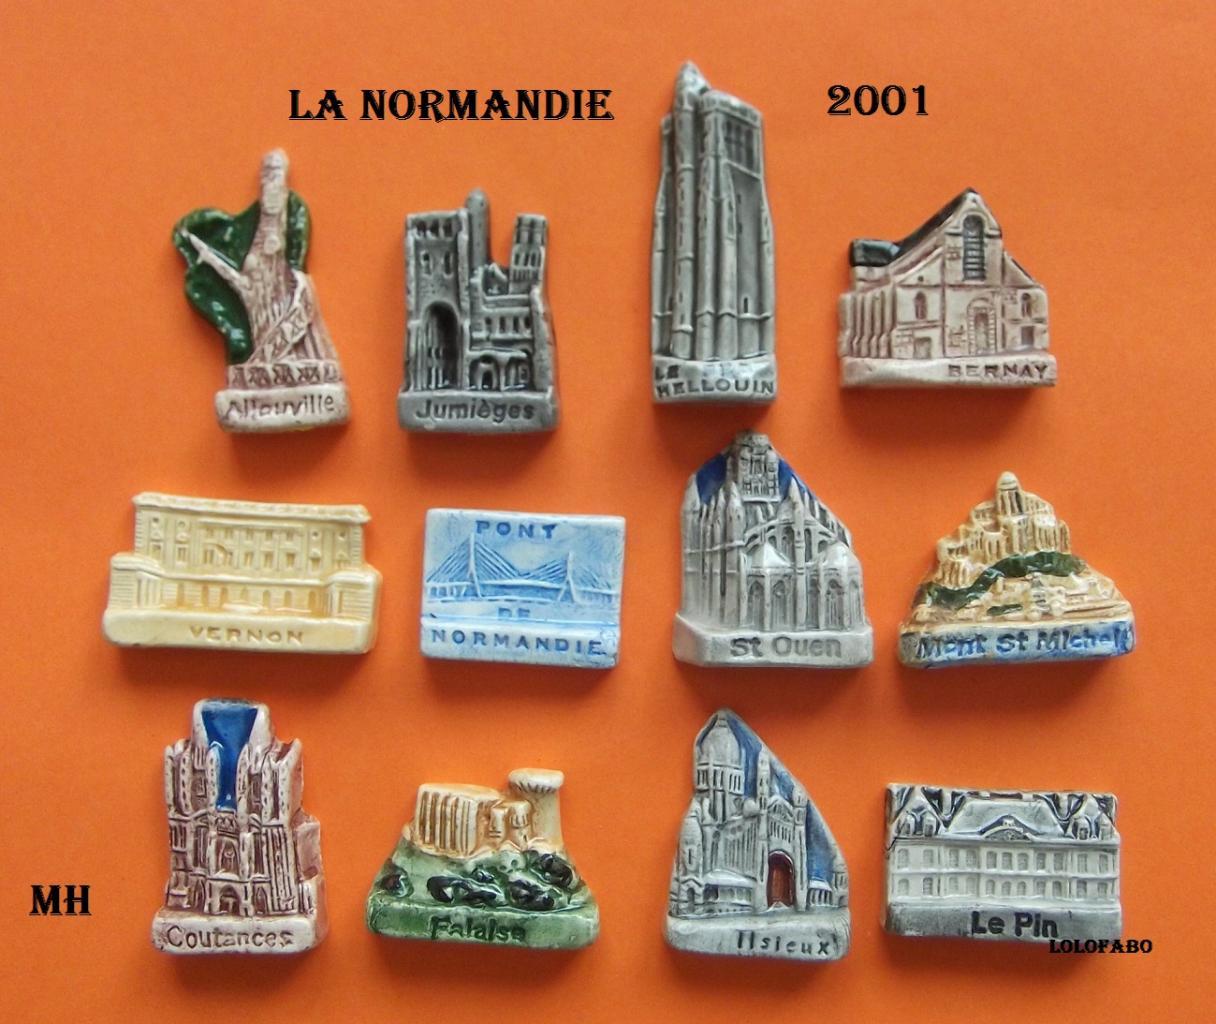 2001-mh-la-normandie-l-eure-01p62.jpg